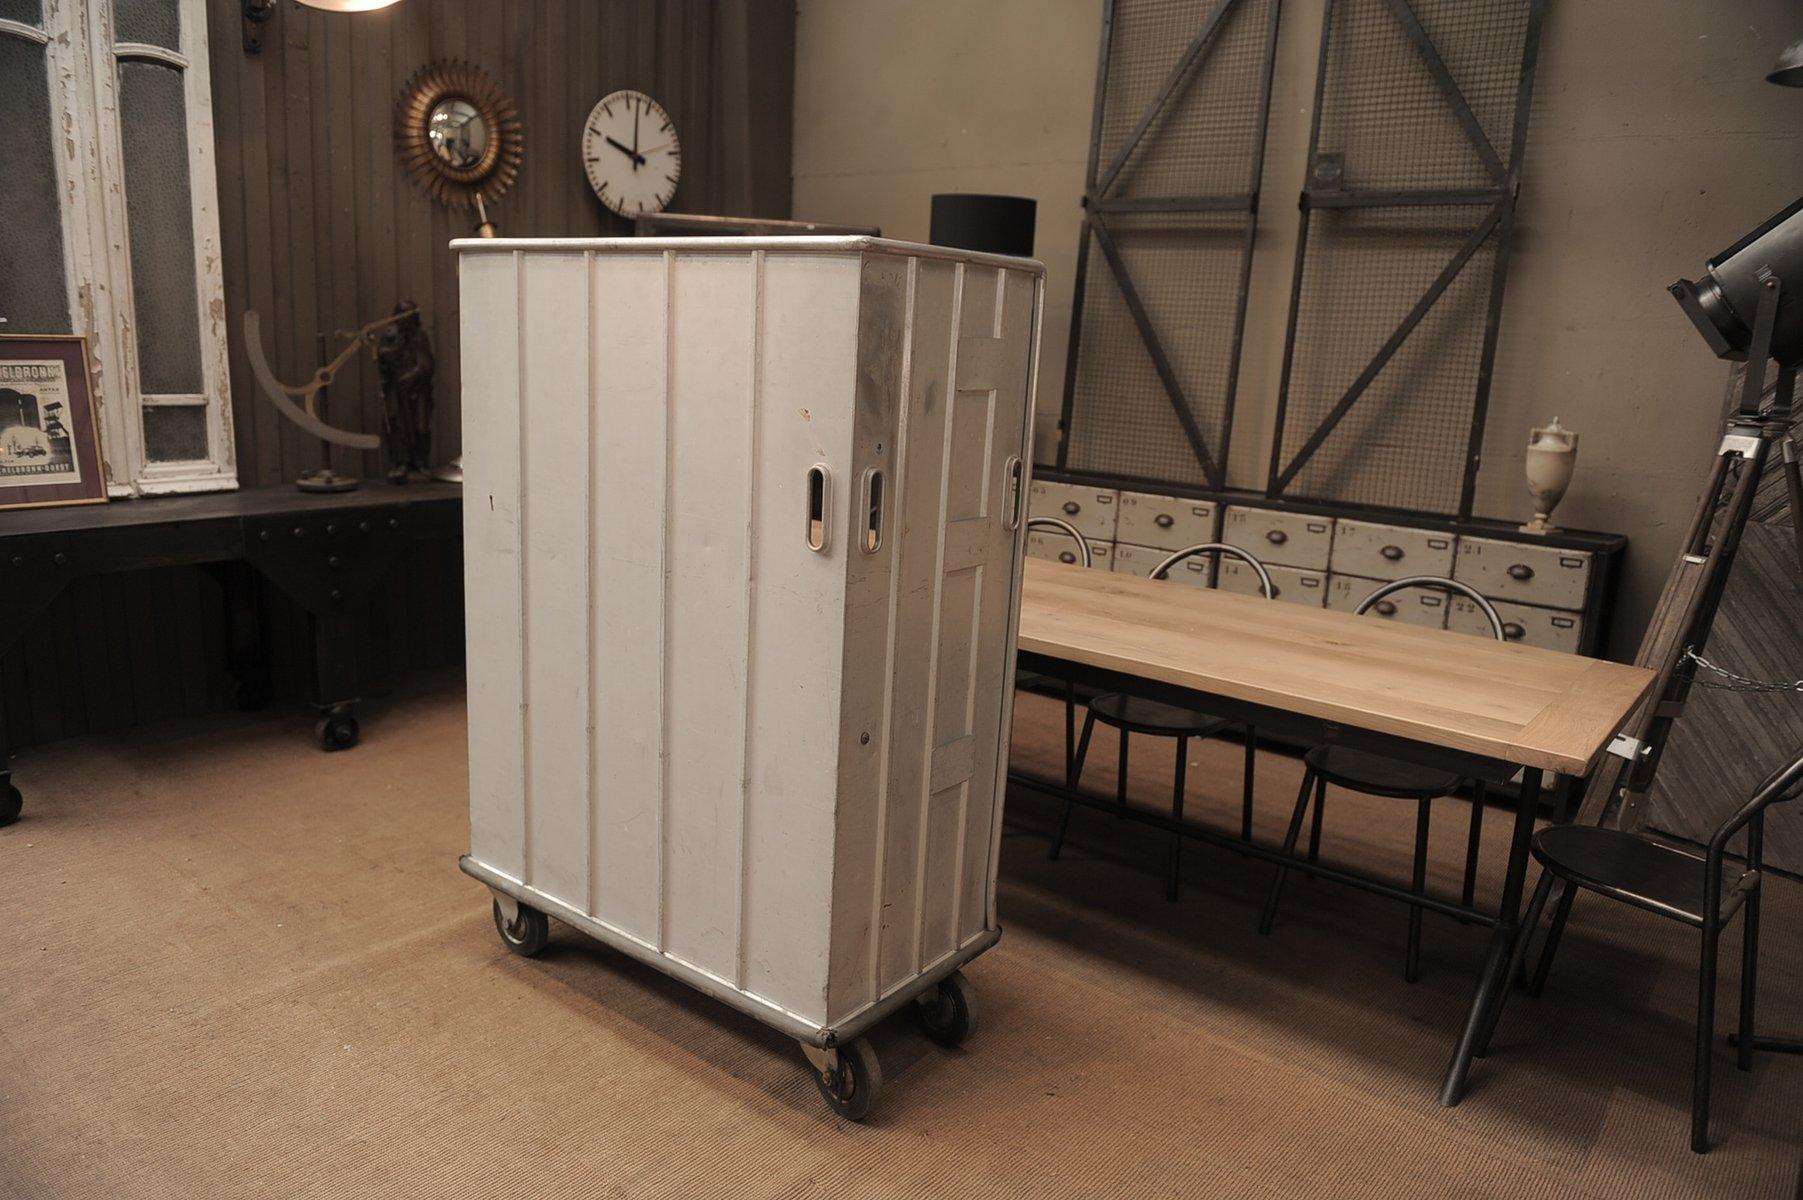 meuble de rangement vintage industriel roulettes en vente sur pamono. Black Bedroom Furniture Sets. Home Design Ideas